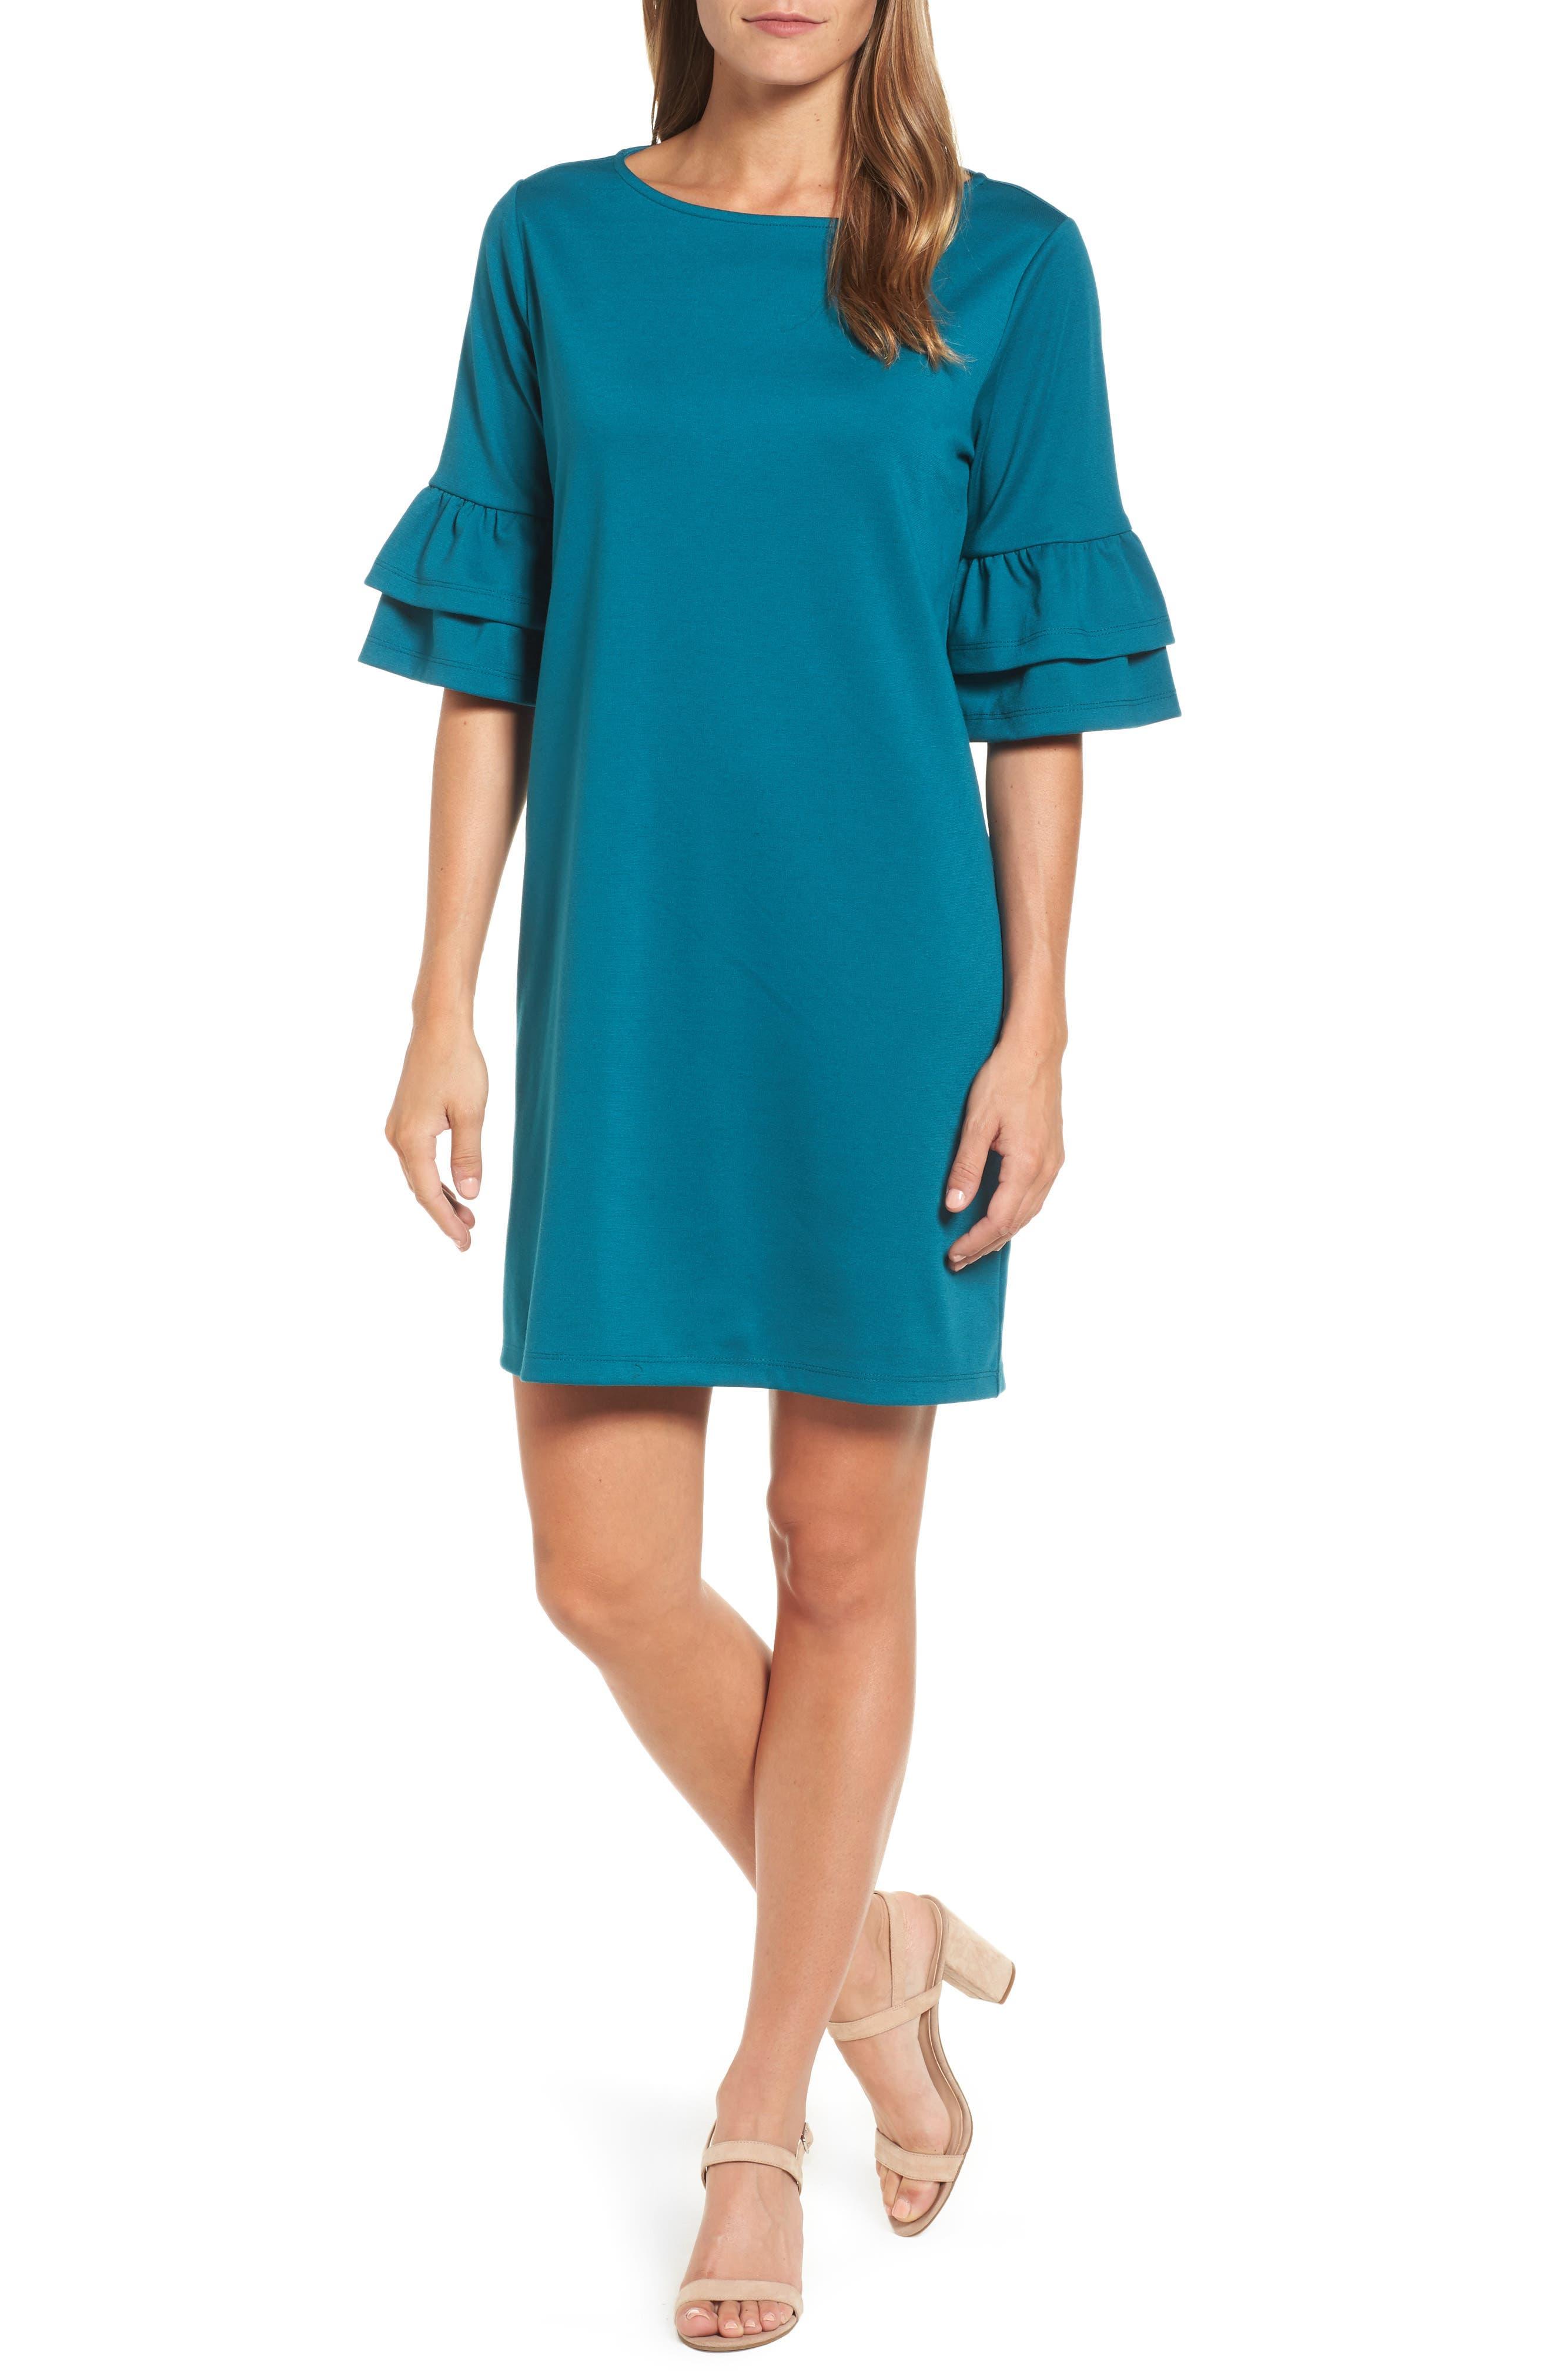 Ruffle Sleeve Shift Dress,                             Main thumbnail 1, color,                             440